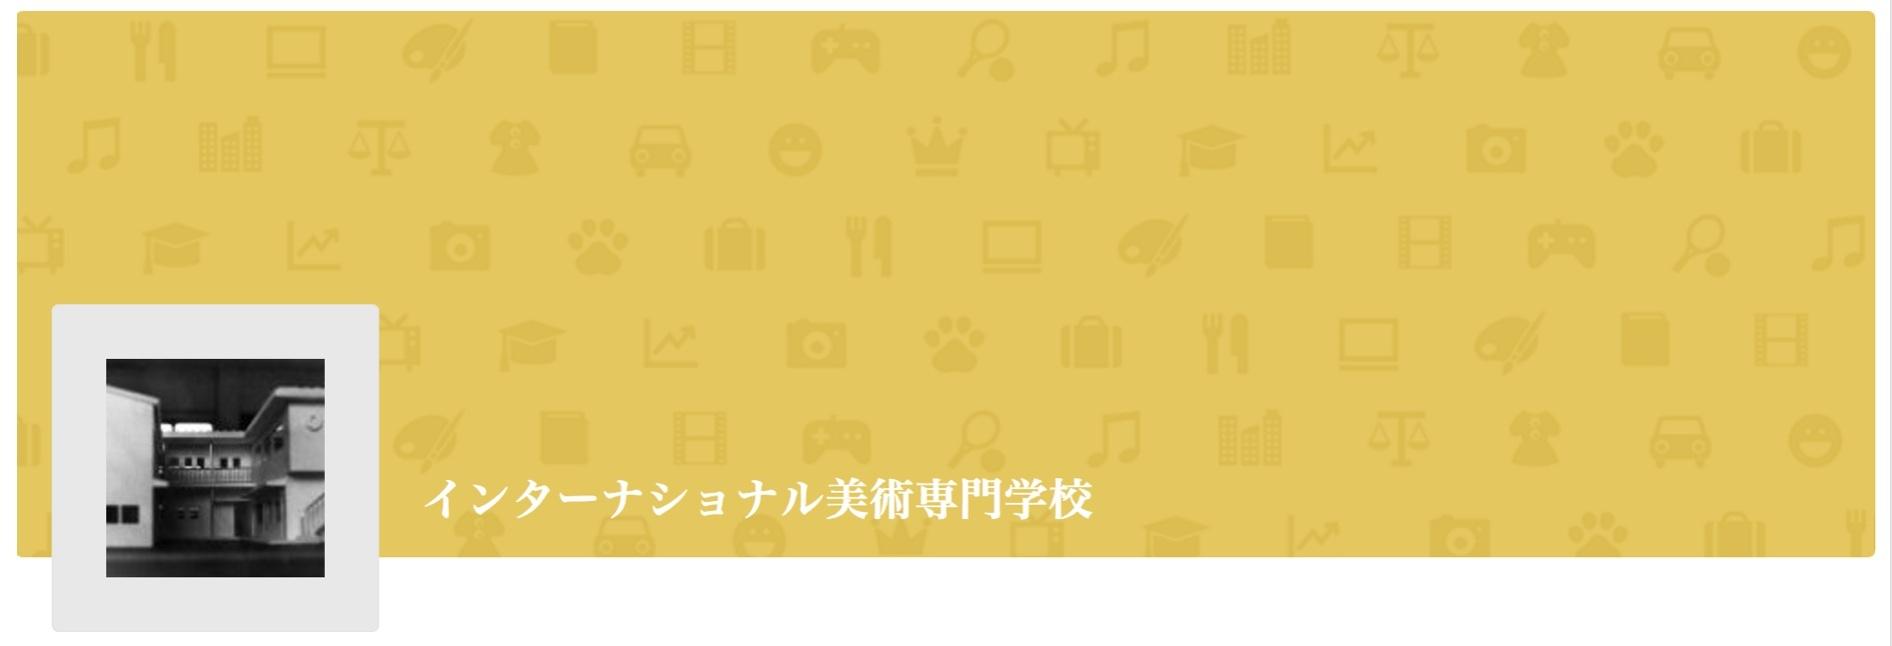 2京都インターアクト美術学校:mixi